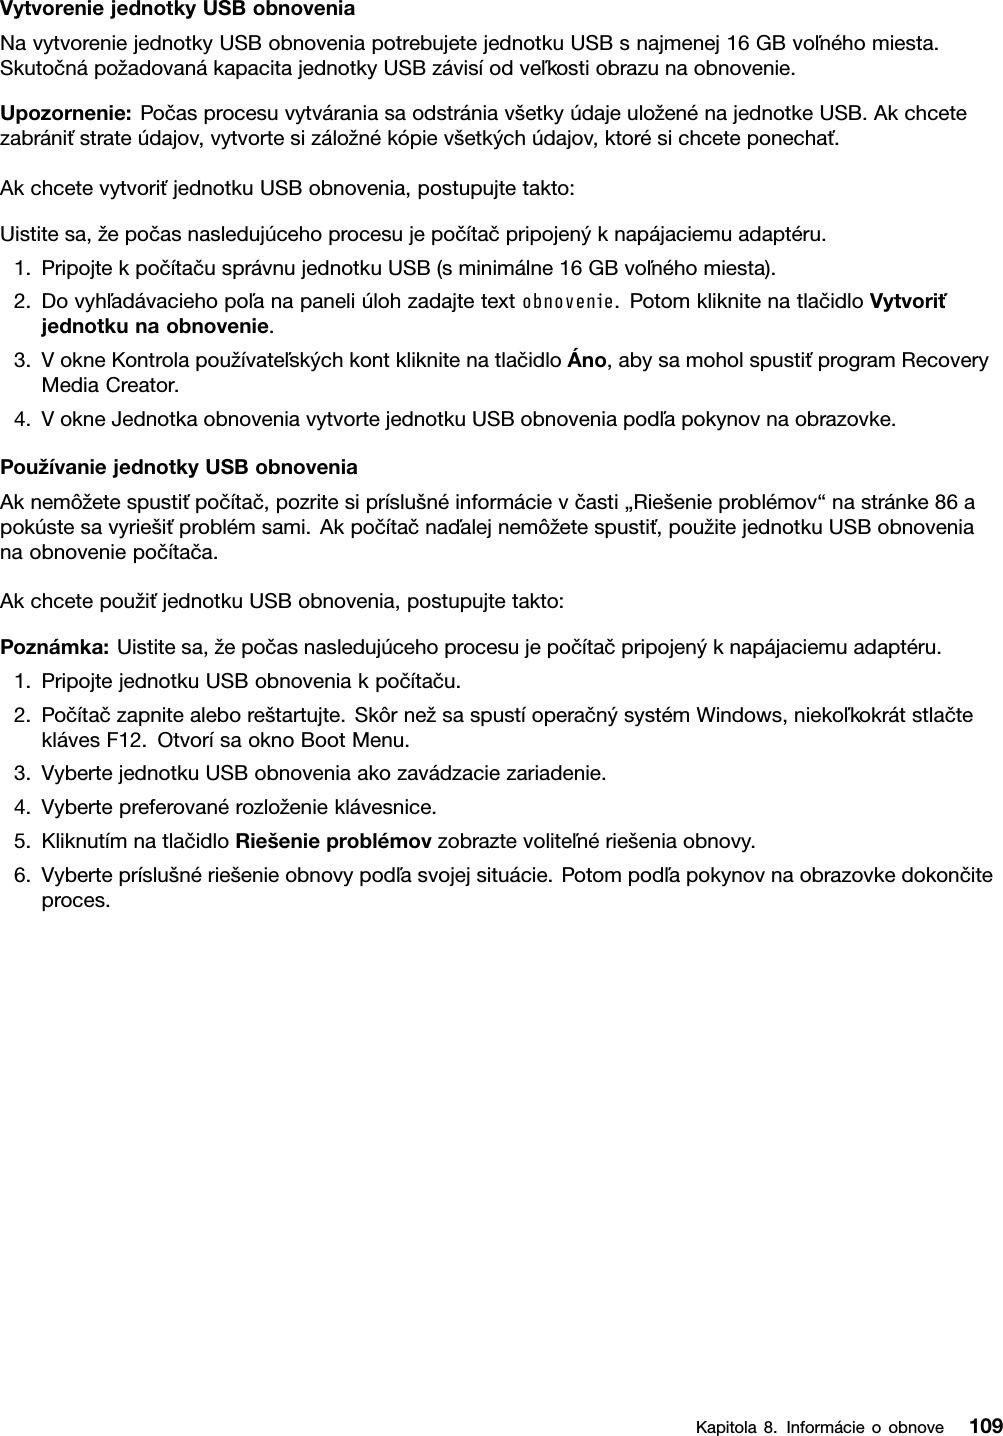 orálny herpes Zoznamka stránky